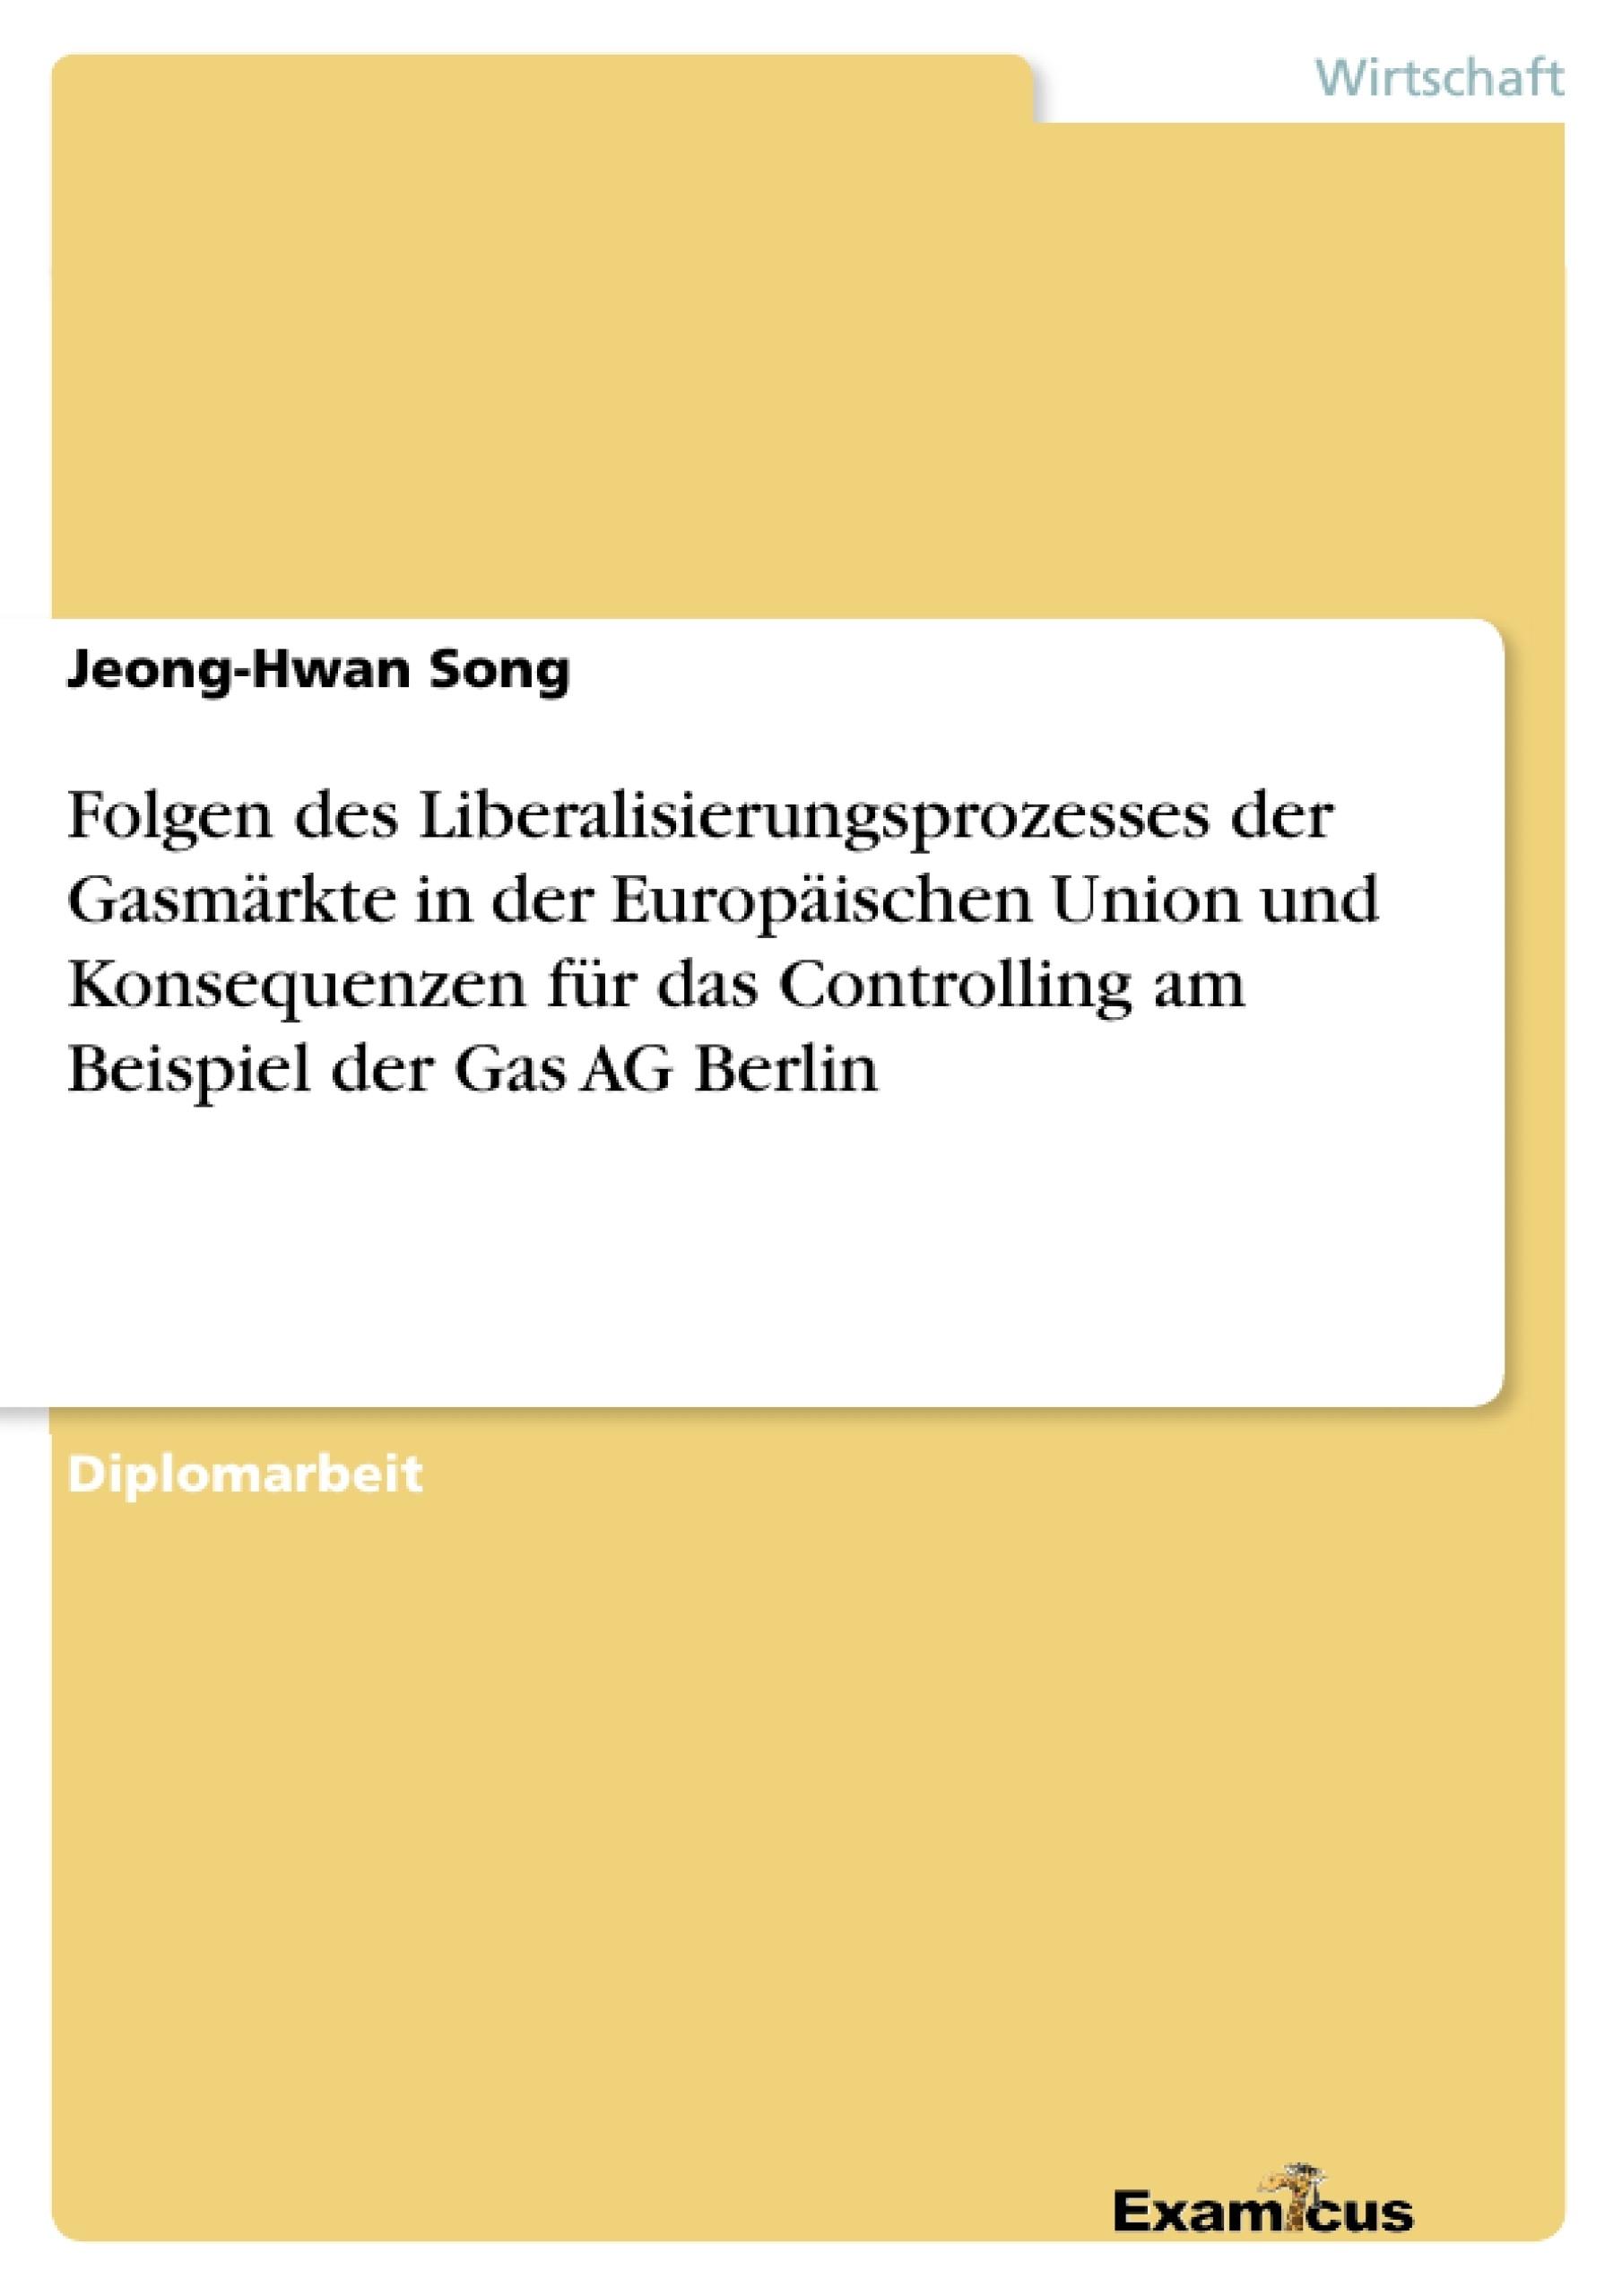 Titel: Folgen des Liberalisierungsprozesses der Gasmärkte in der Europäischen Union und Konsequenzen für das Controlling am Beispiel der Gas AG Berlin